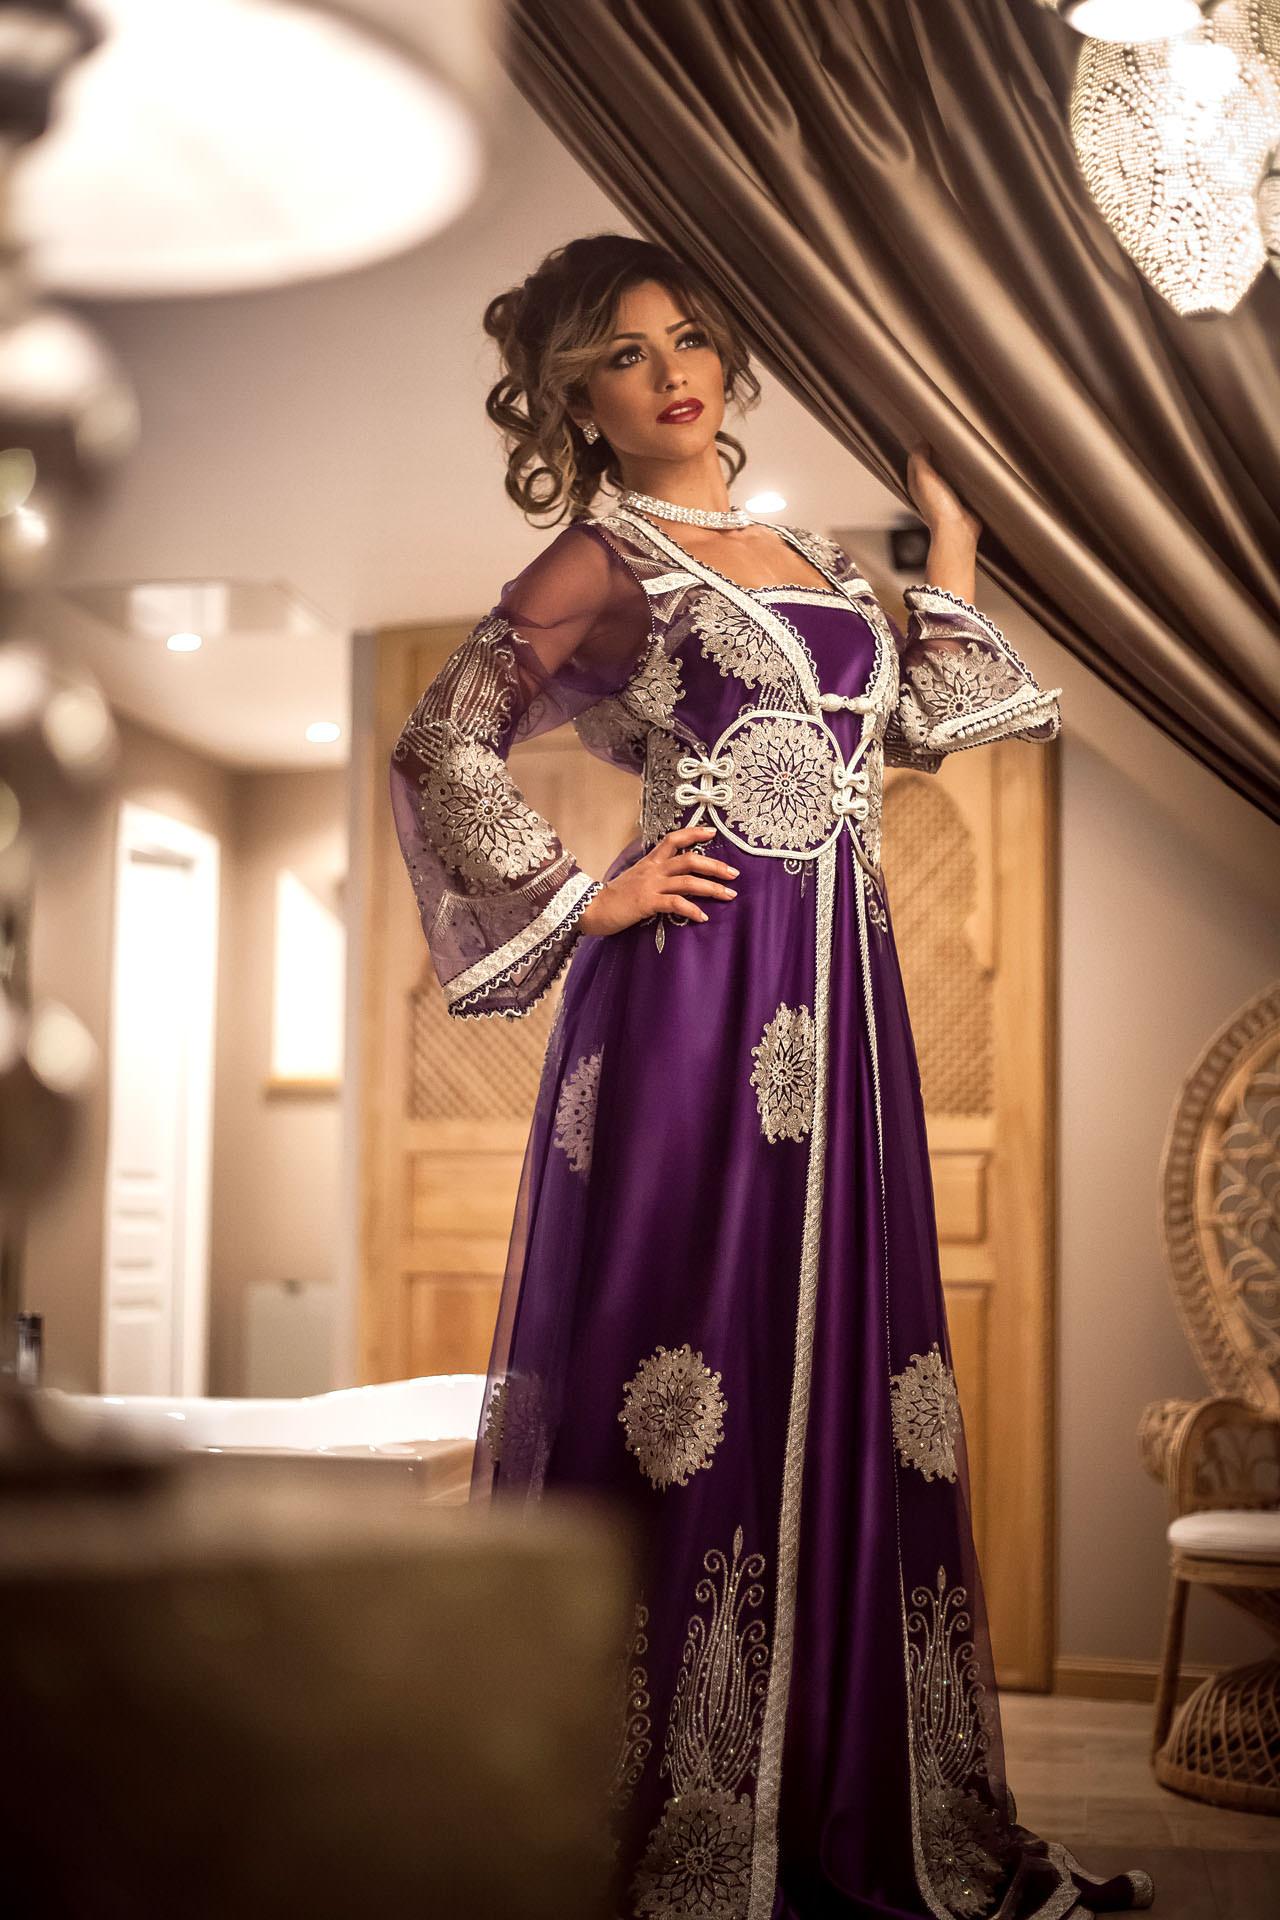 2016-01-25 - Robe Orient - Clos des Vignes - 4084 - 1920px